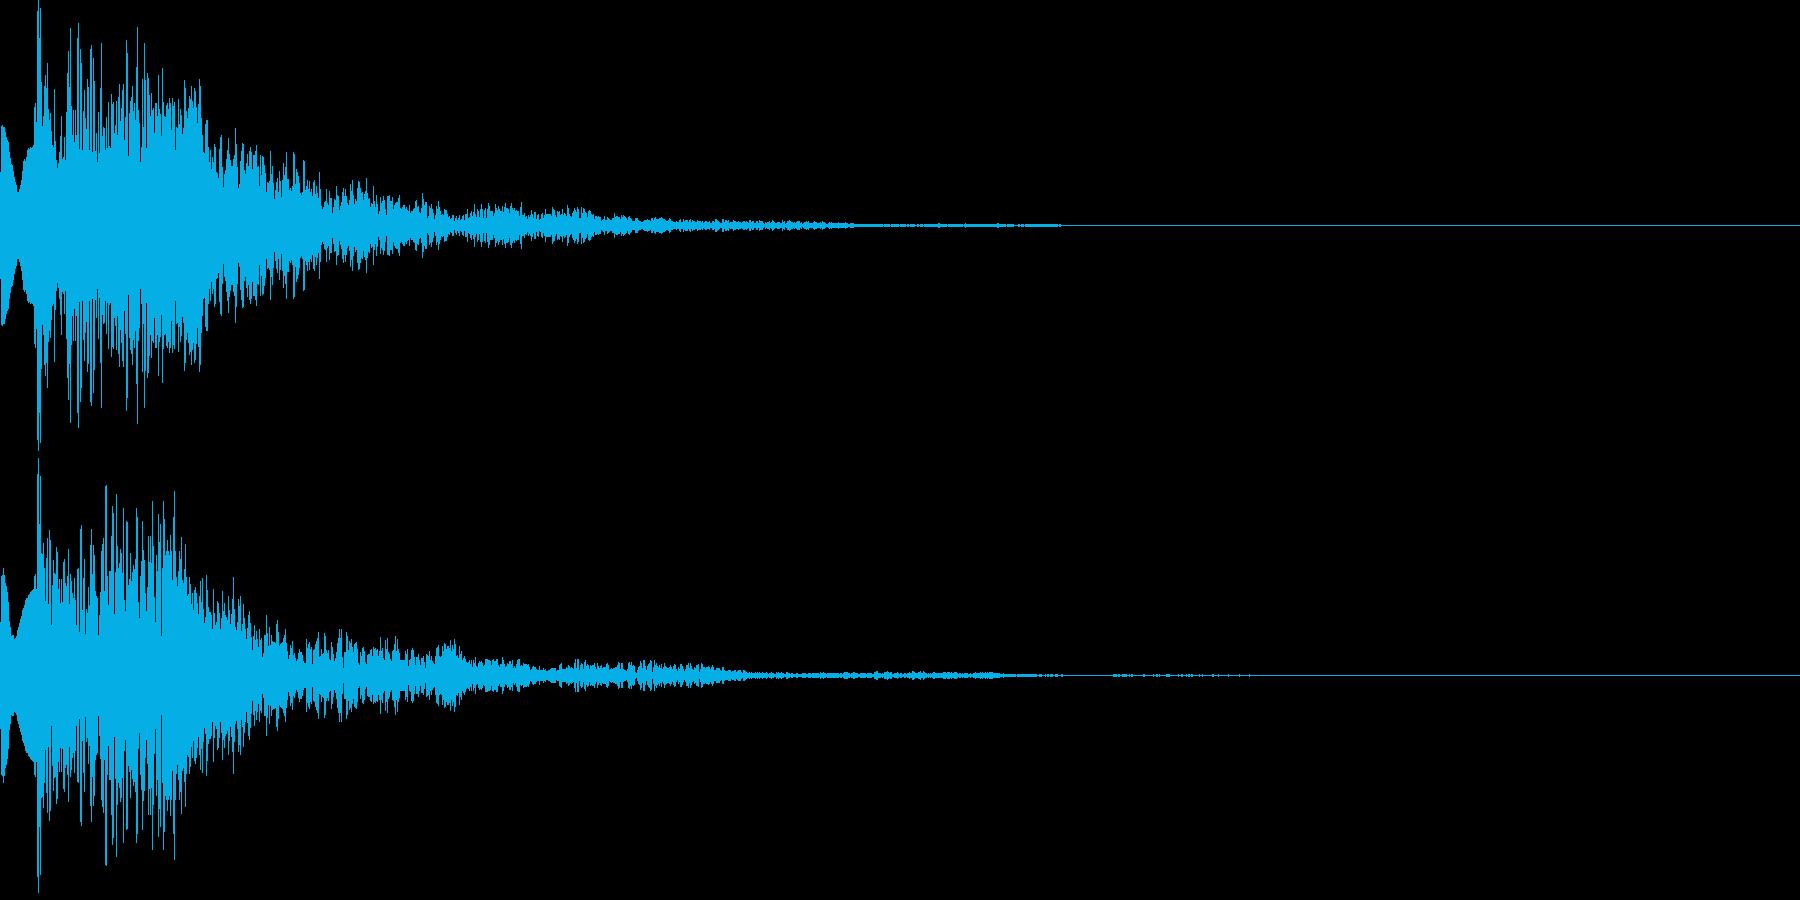 アイテム獲得音02の再生済みの波形